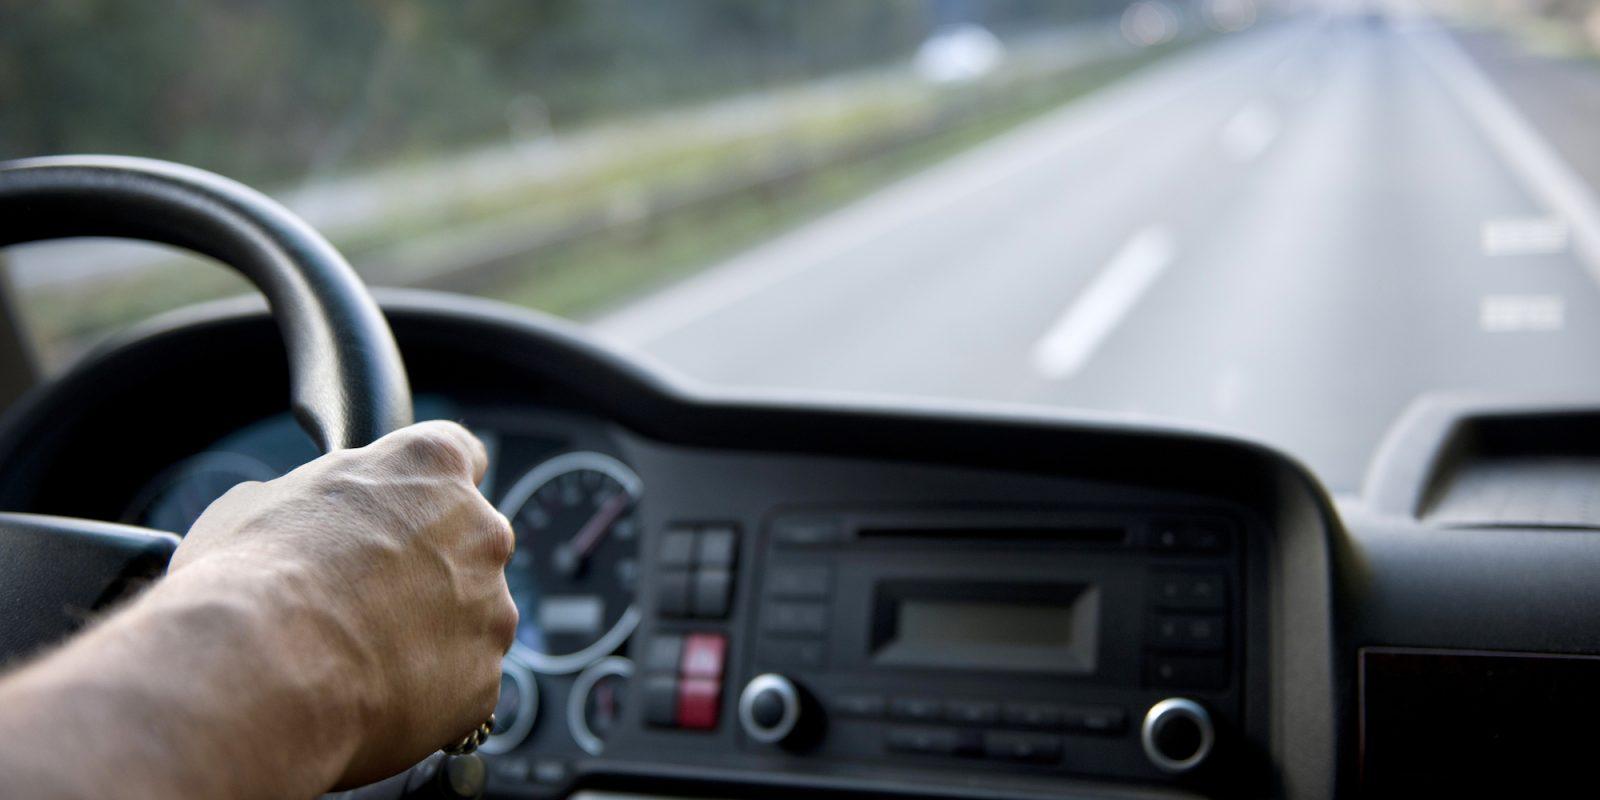 Sicurezza nei trasporti: chi ci lavora rischia ben altri virus